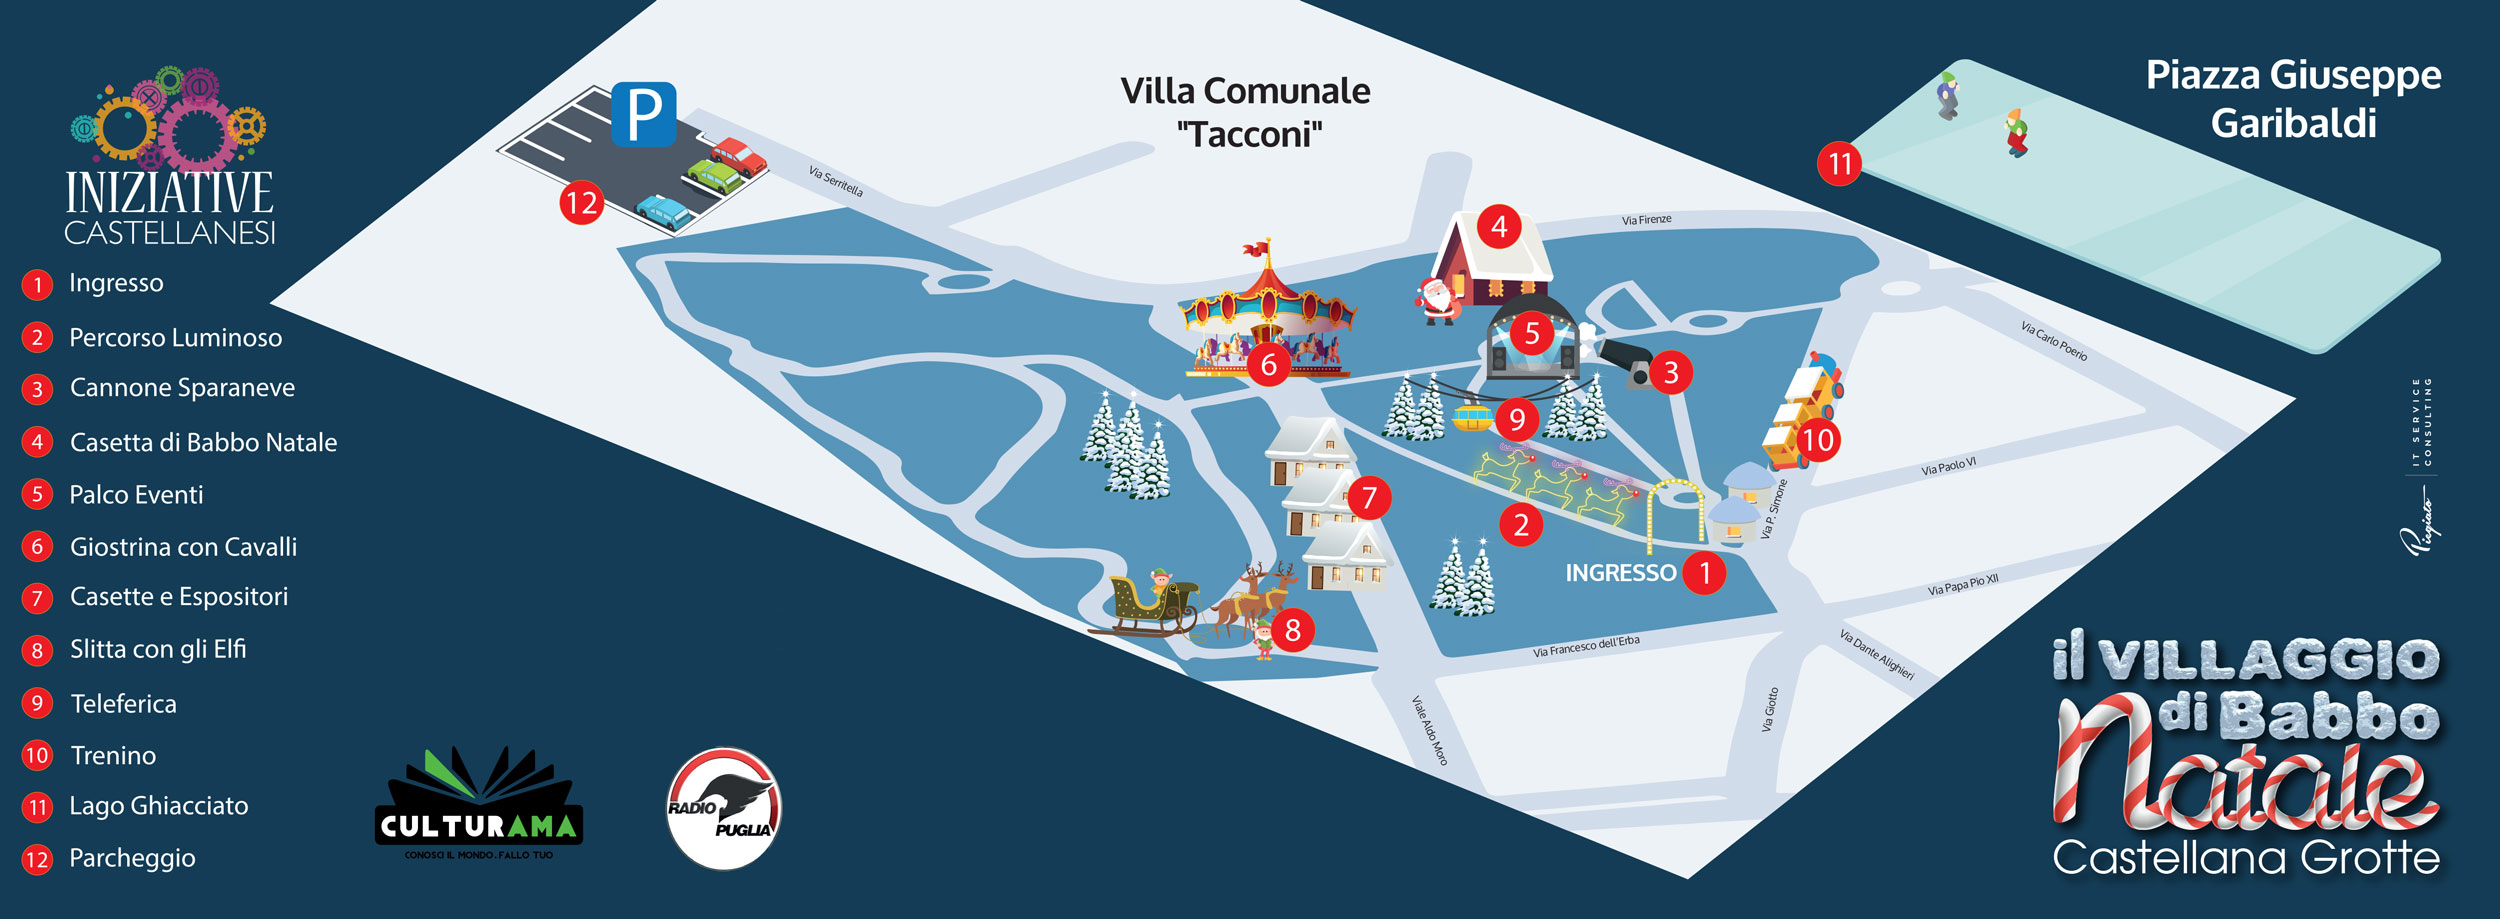 Immagini Del Villaggio Di Babbo Natale.La Mappa Il Villaggio Di Babbo Natale